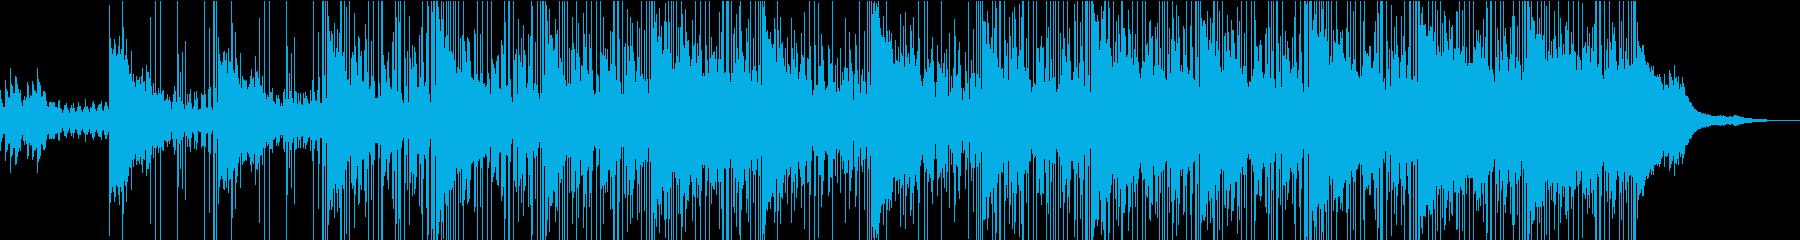 ゆったりとしたクールな映像向けBGMの再生済みの波形